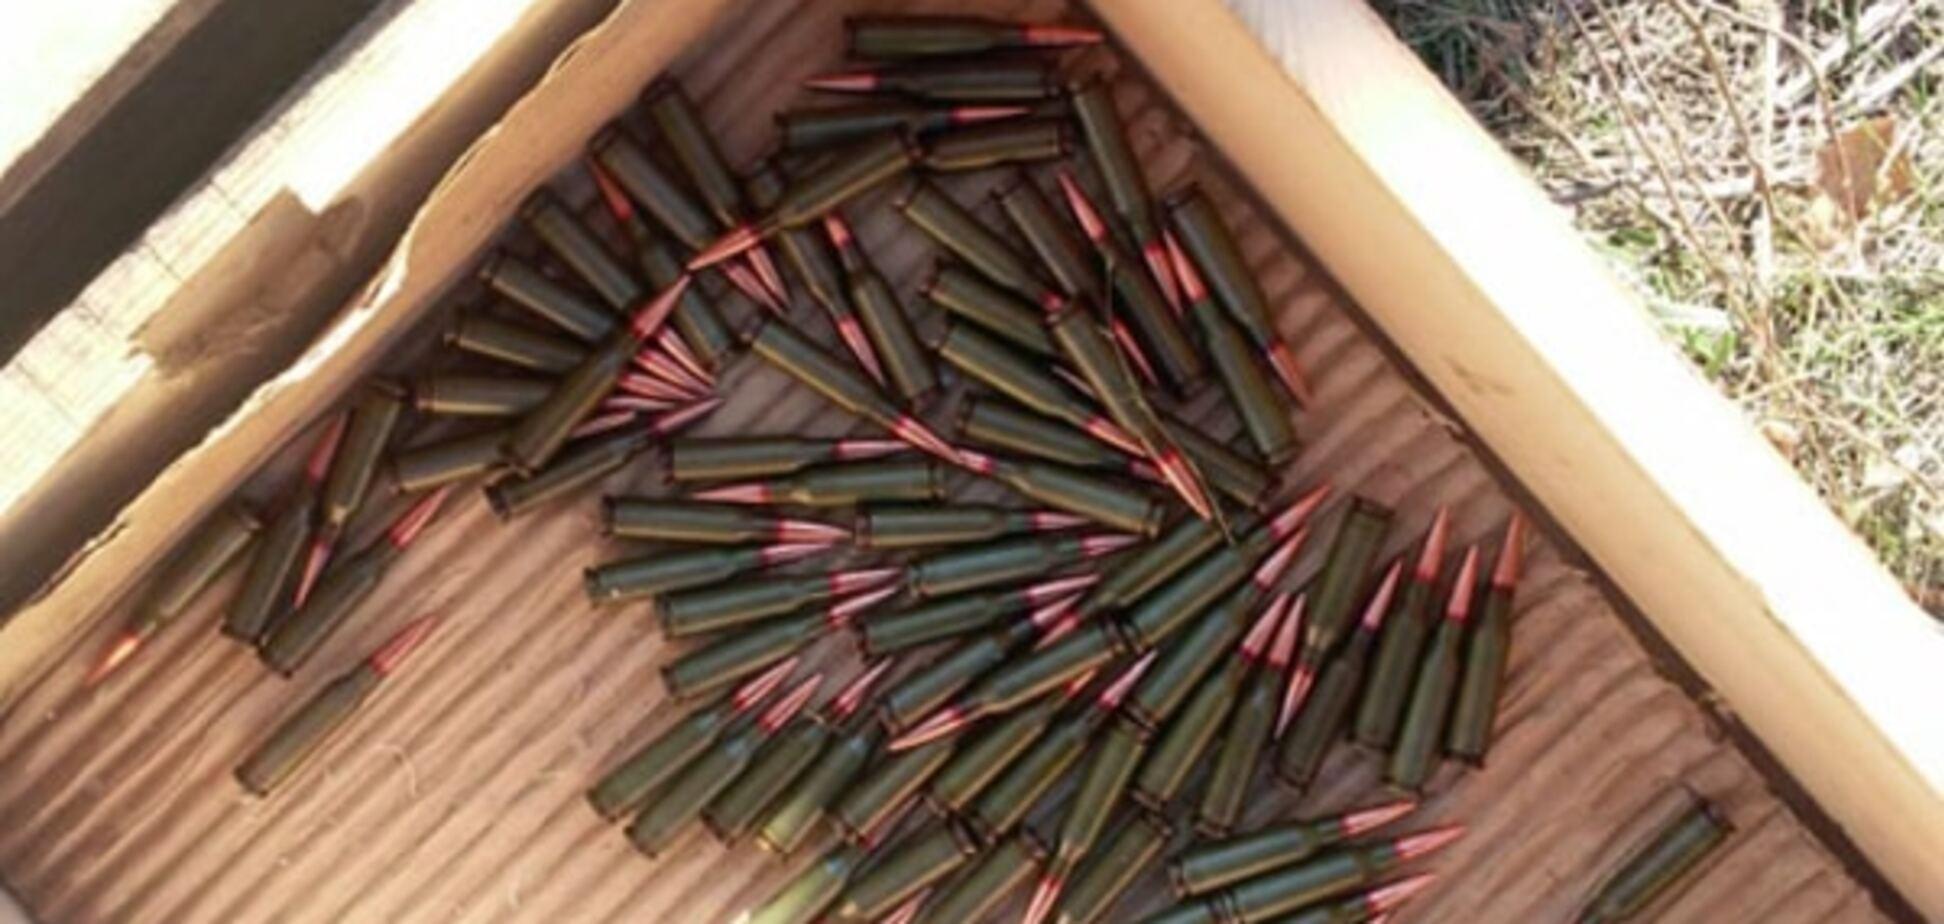 На Донеччині за день виявили два 'схрони' з боєприпасами: фото знахідки